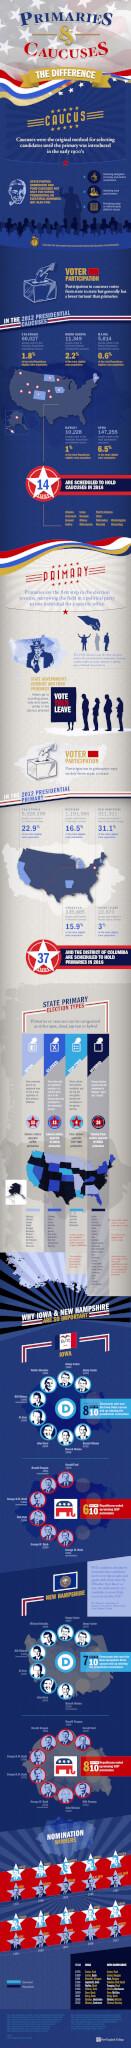 caucus infographic